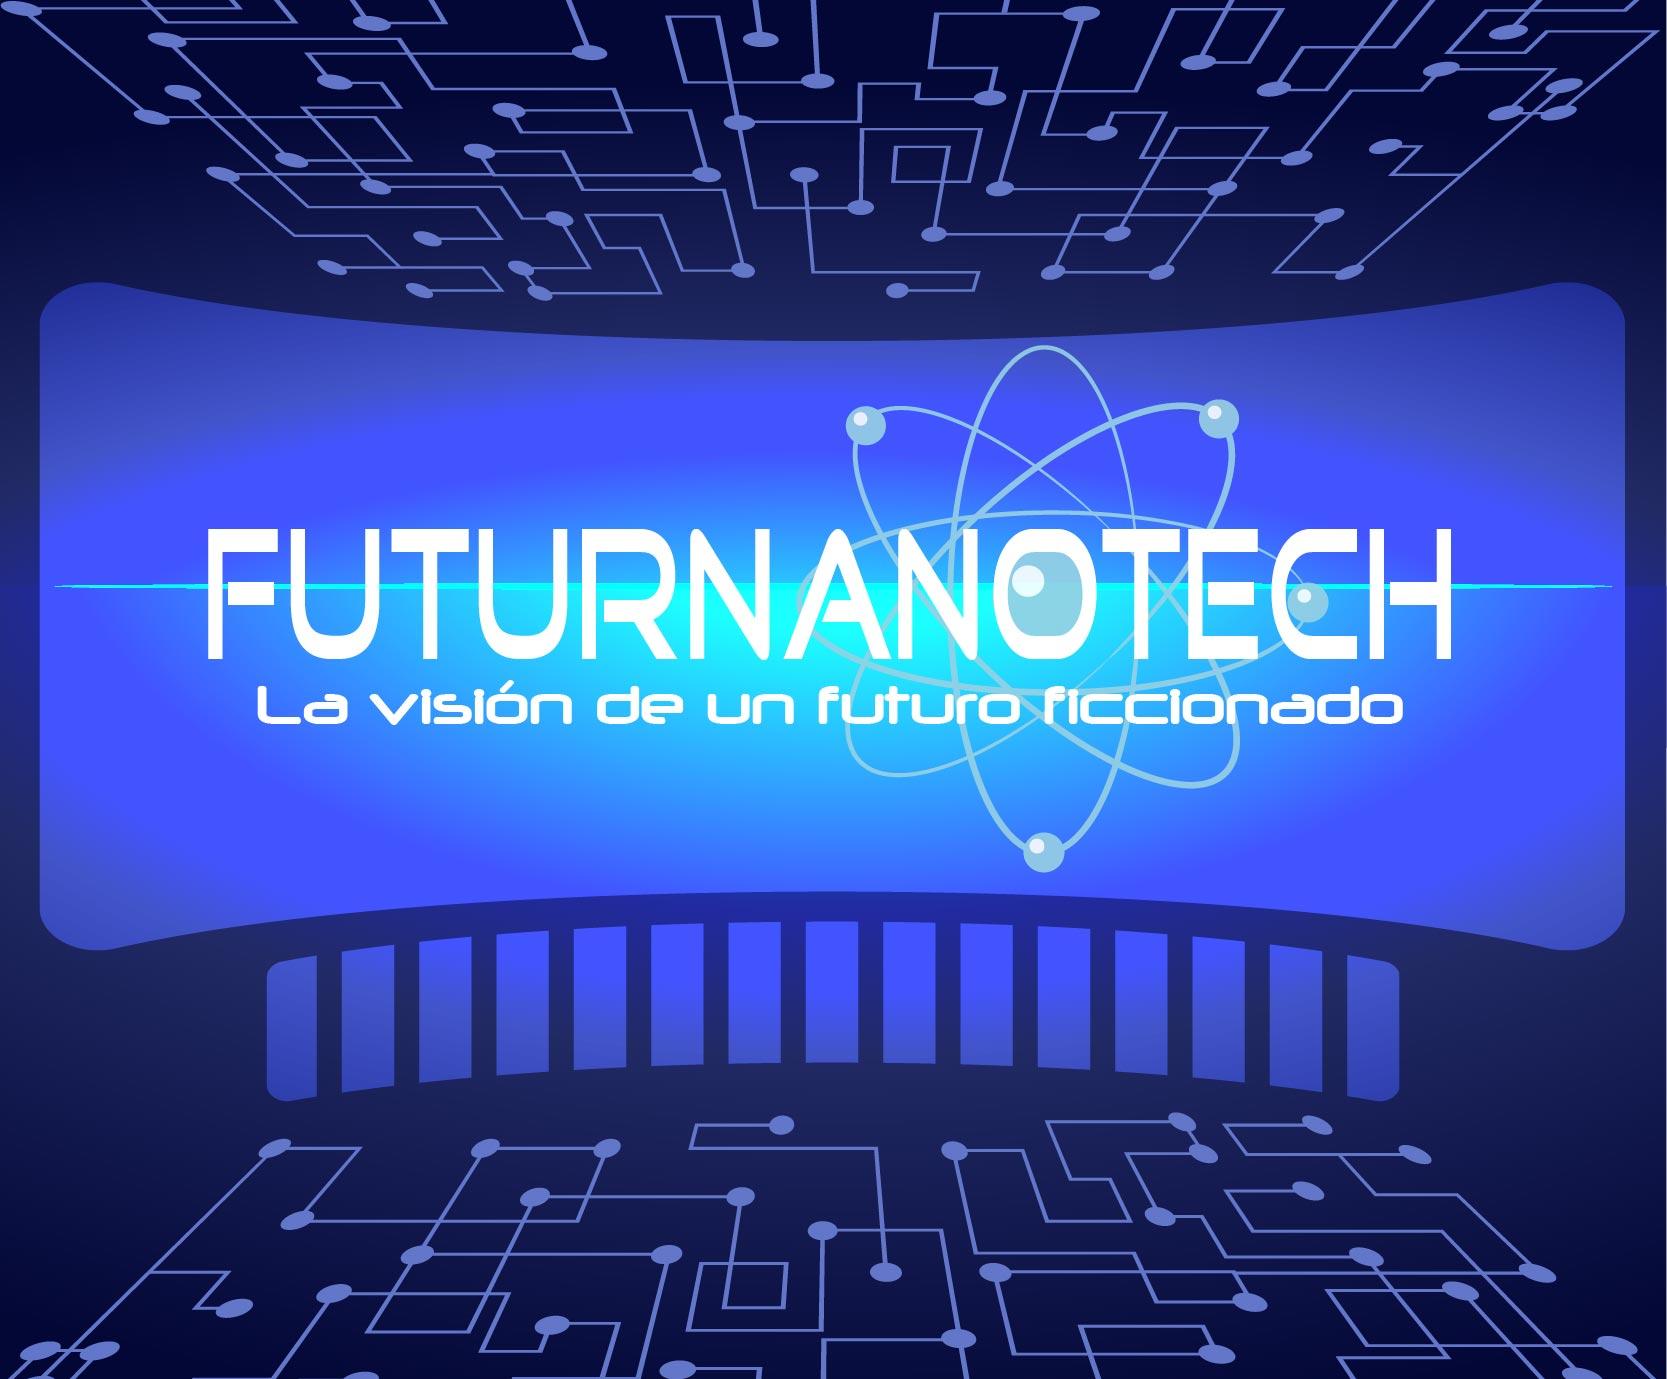 FuturNanotech_previsualización